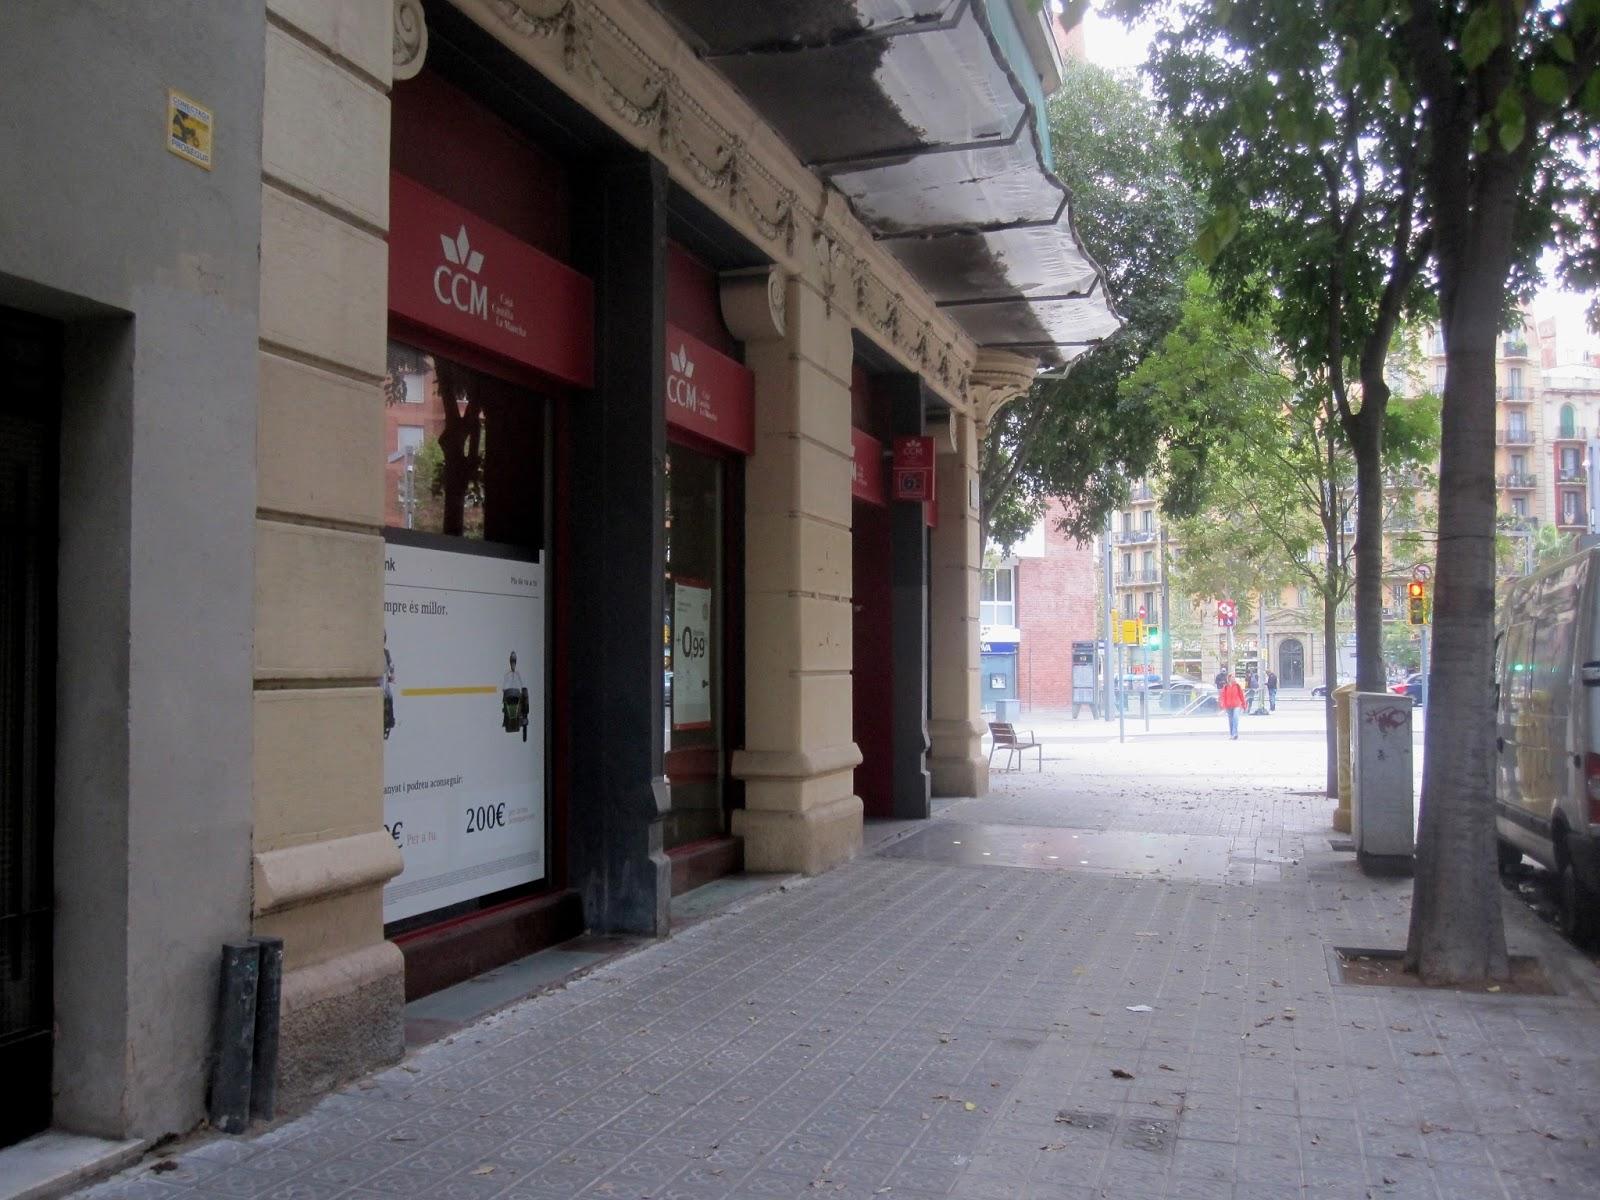 Tot barcelona el reloj de la banca roses de la calle rocafort - Calle manso barcelona ...